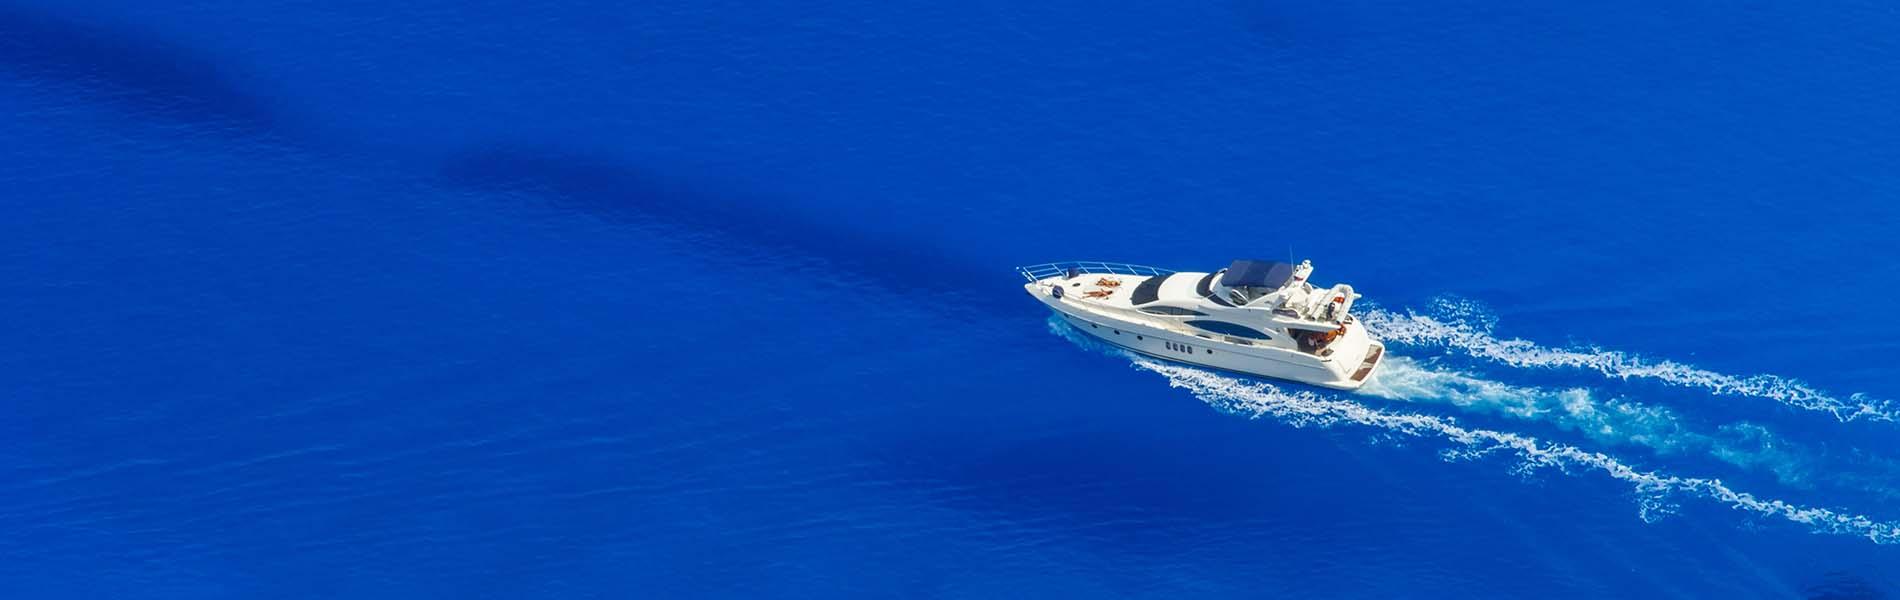 ocean_cruise_01.jpg